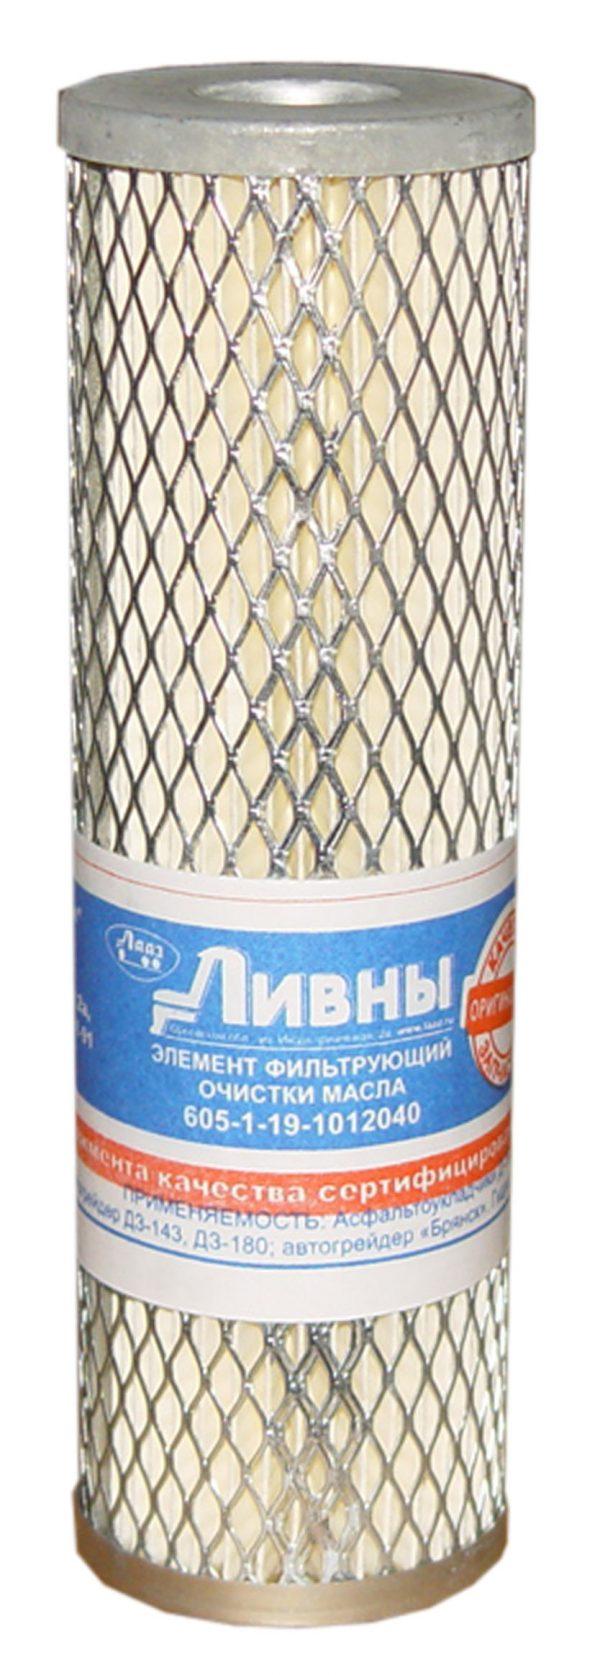 605-1-19-1012040 Ливны масляный фильтр асфальтоукладчики Д-191 Д-98 автогрейдер ДЗ-143 ДЗ-180 Брянск